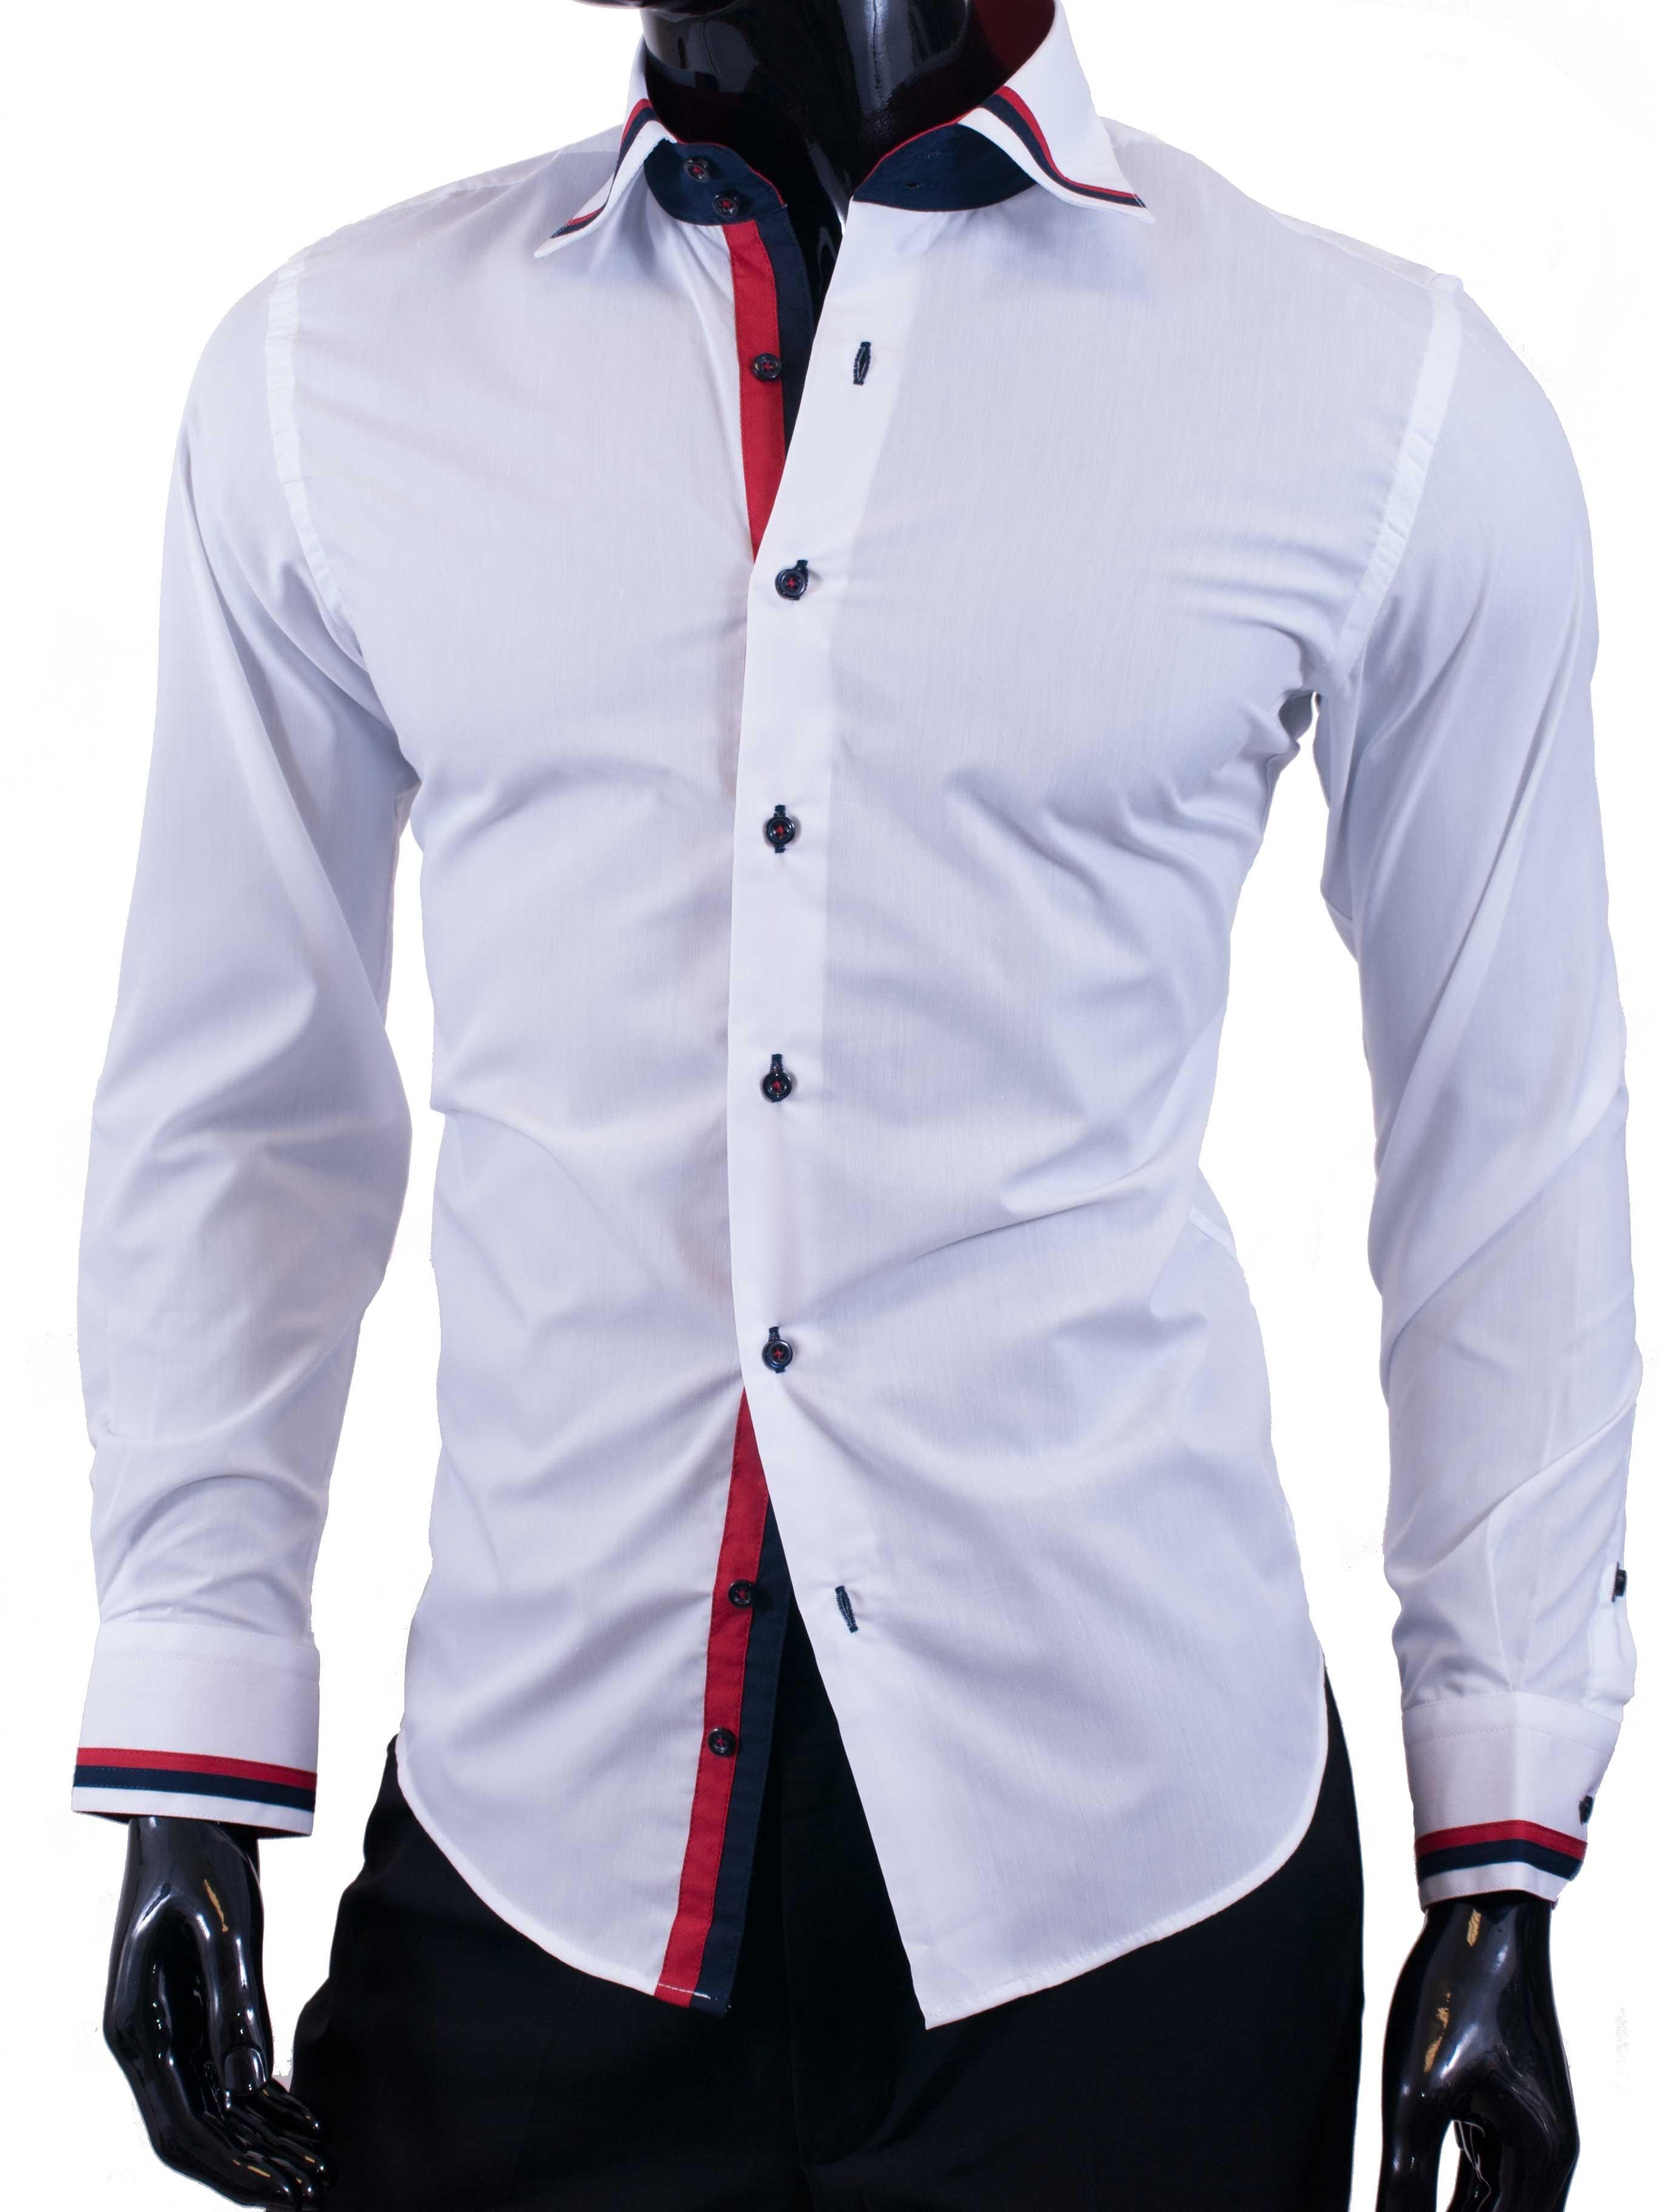 Pánské košile Egoman bílá s prvky modré a červené